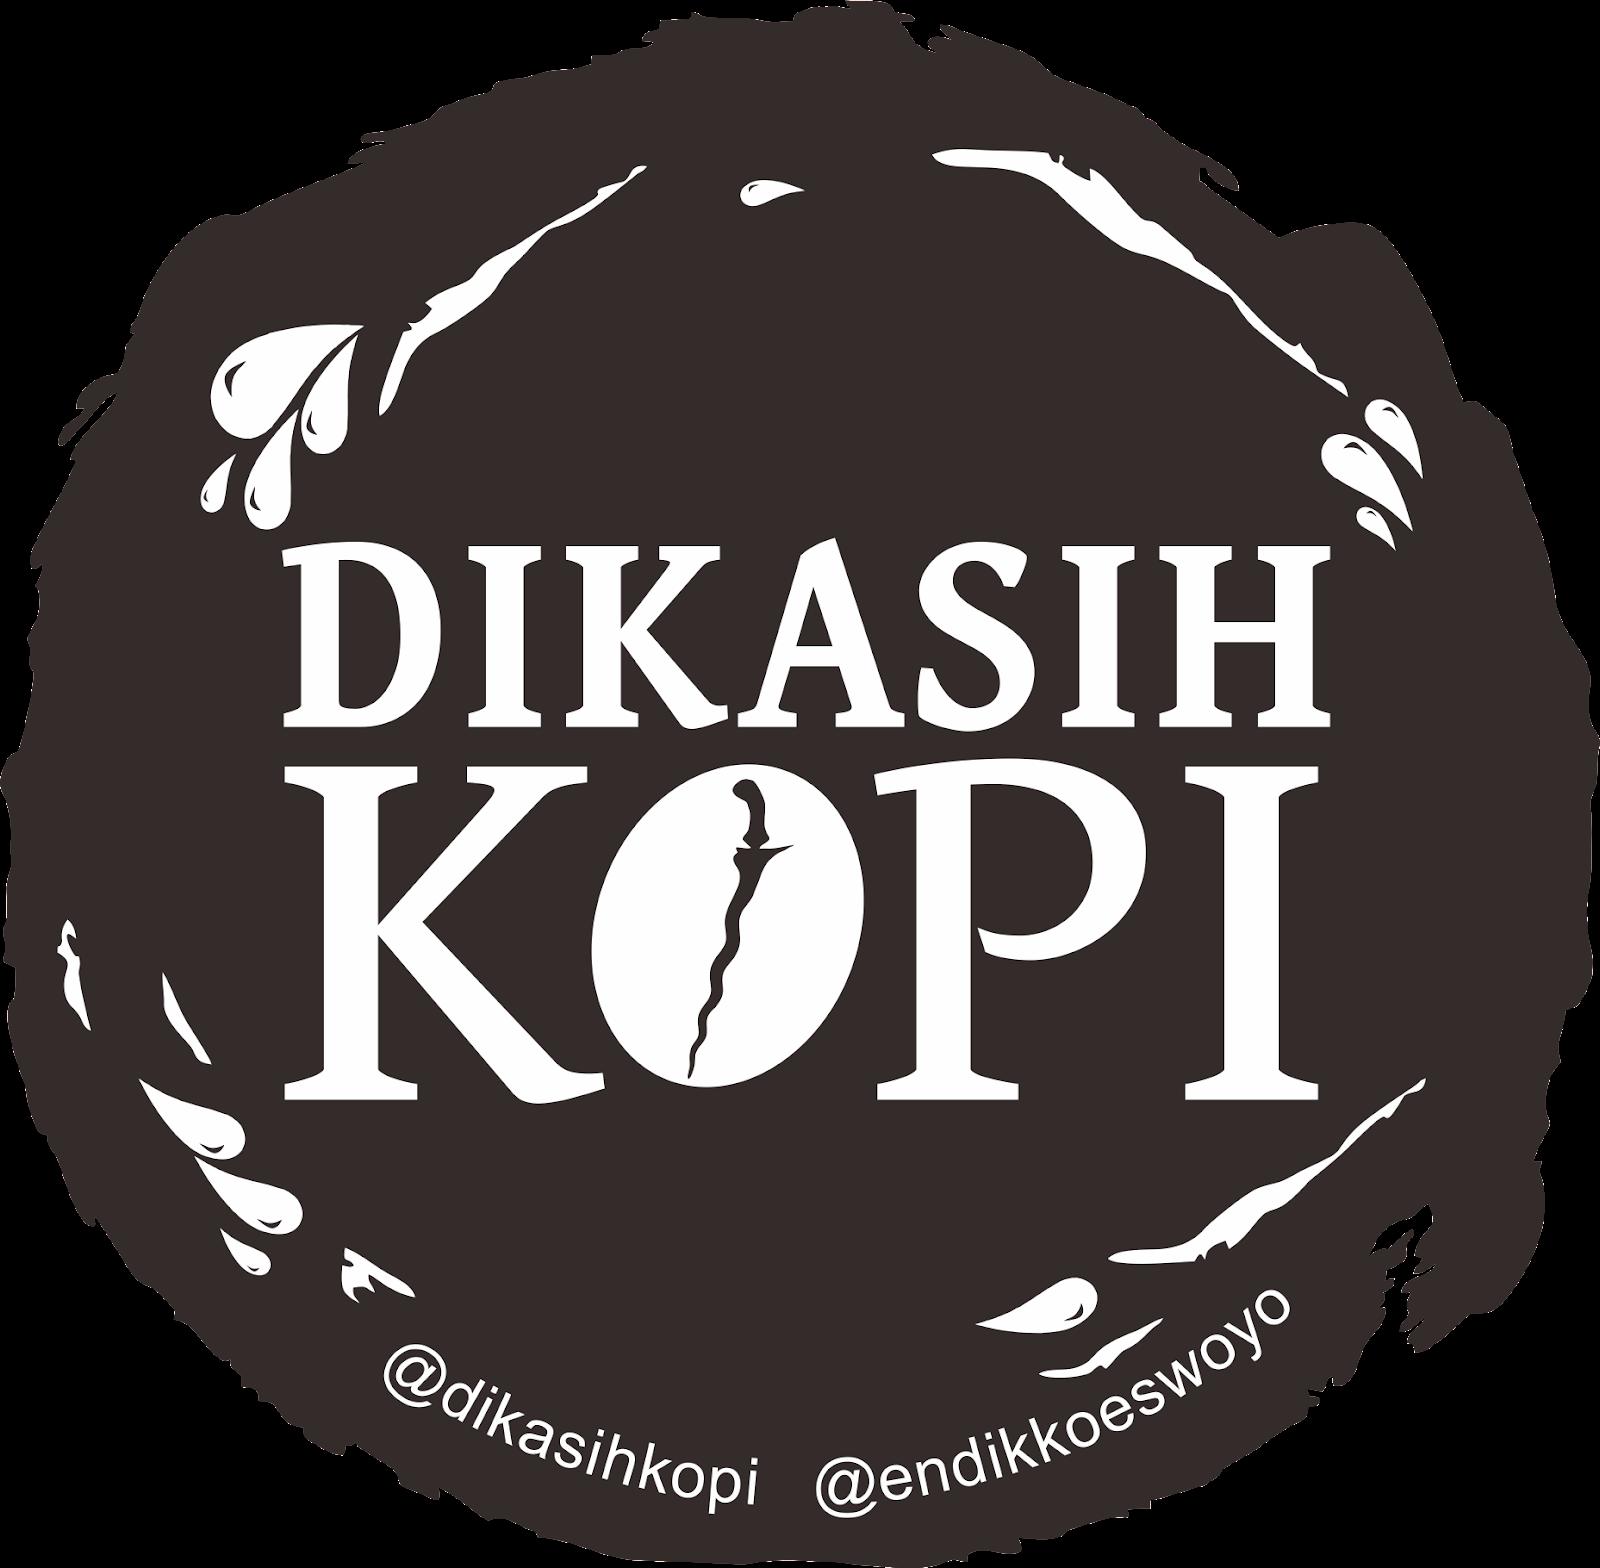 DIKASIH KOPI